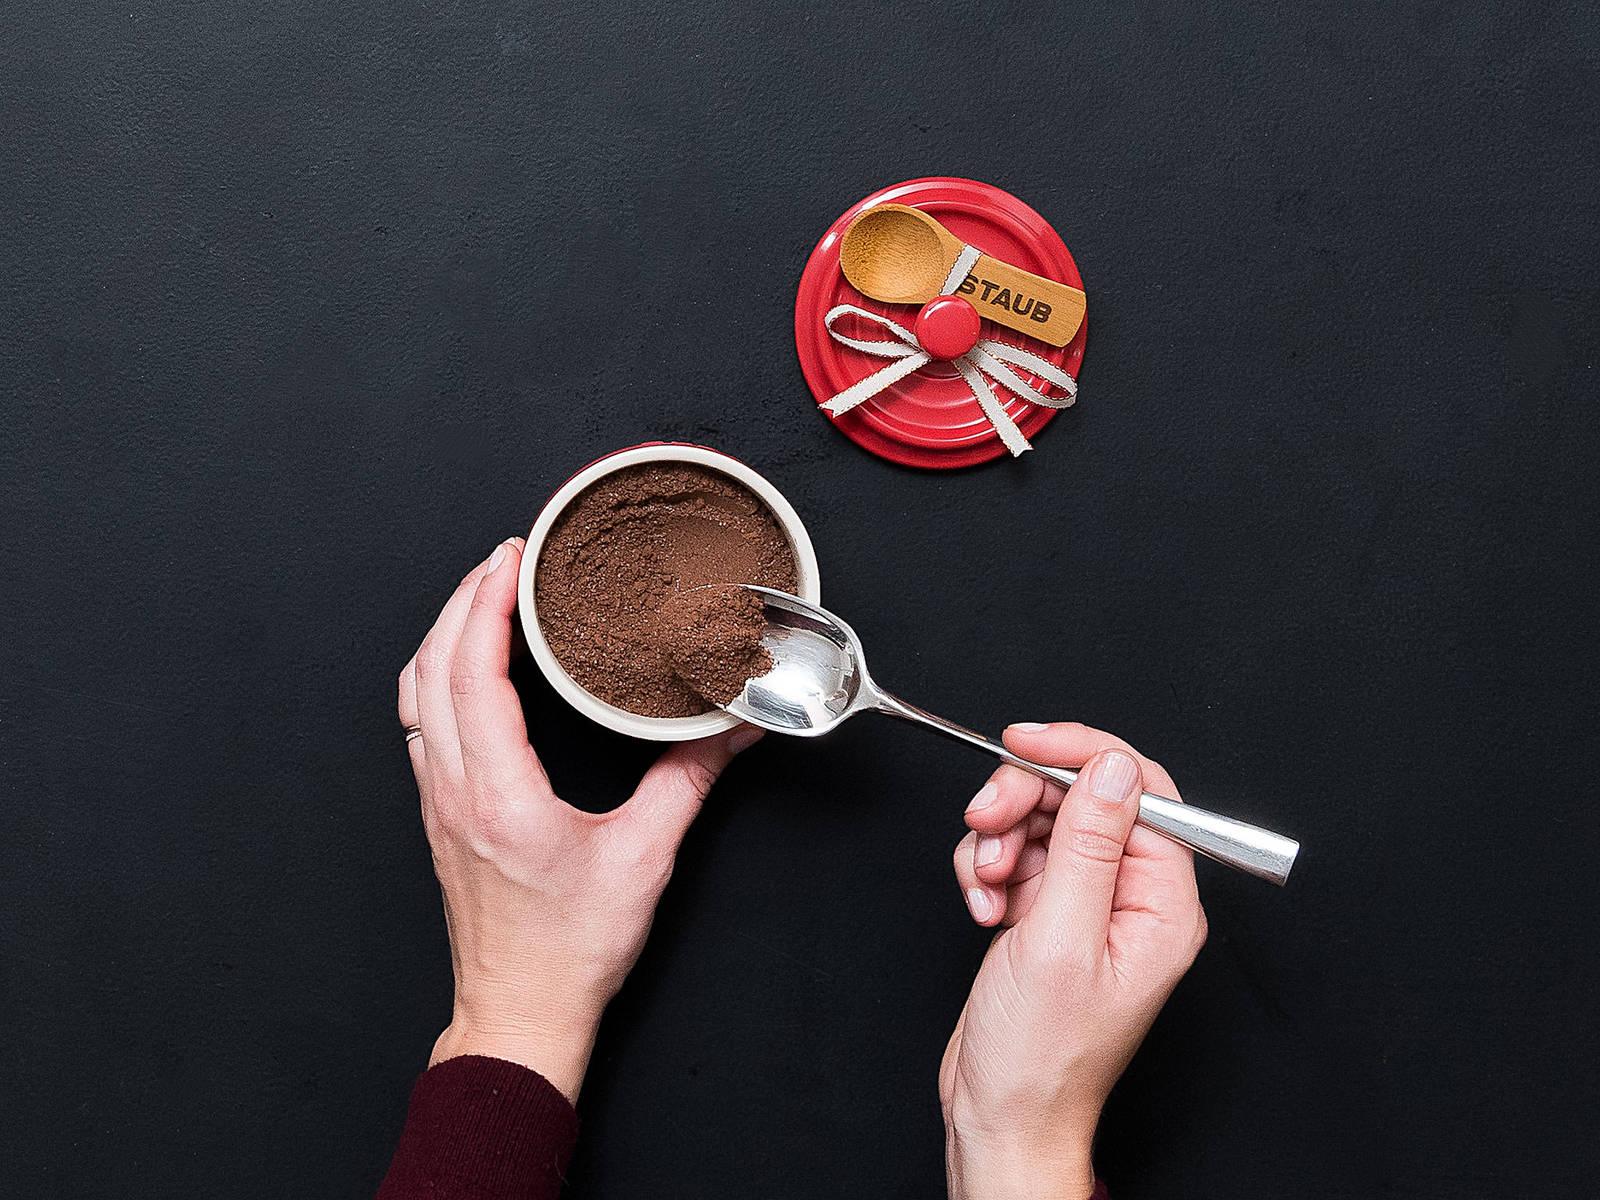 Die Mischung in einen luftdichten Behälter füllen und aufbewahren. Für 1 Tasse/230 ml Milch benötigt man ca. 3 EL der Mischung.